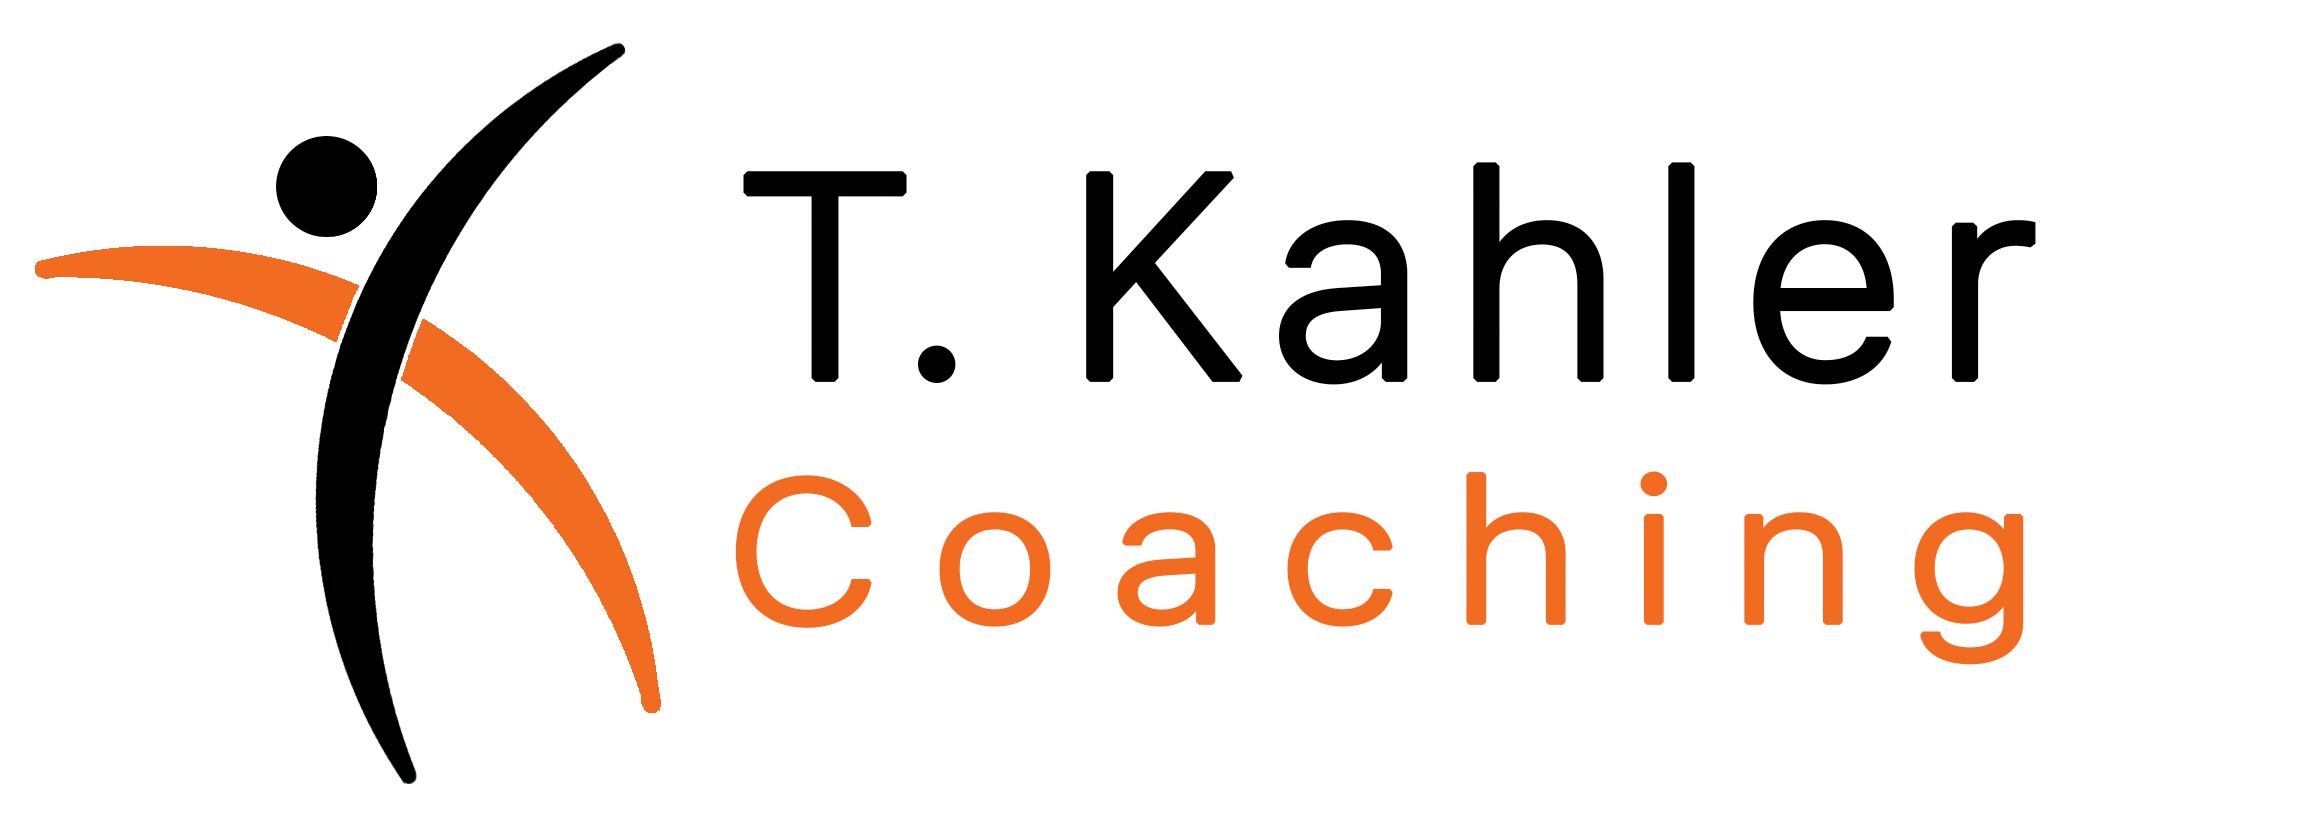 T. Kahler Coaching, LLC